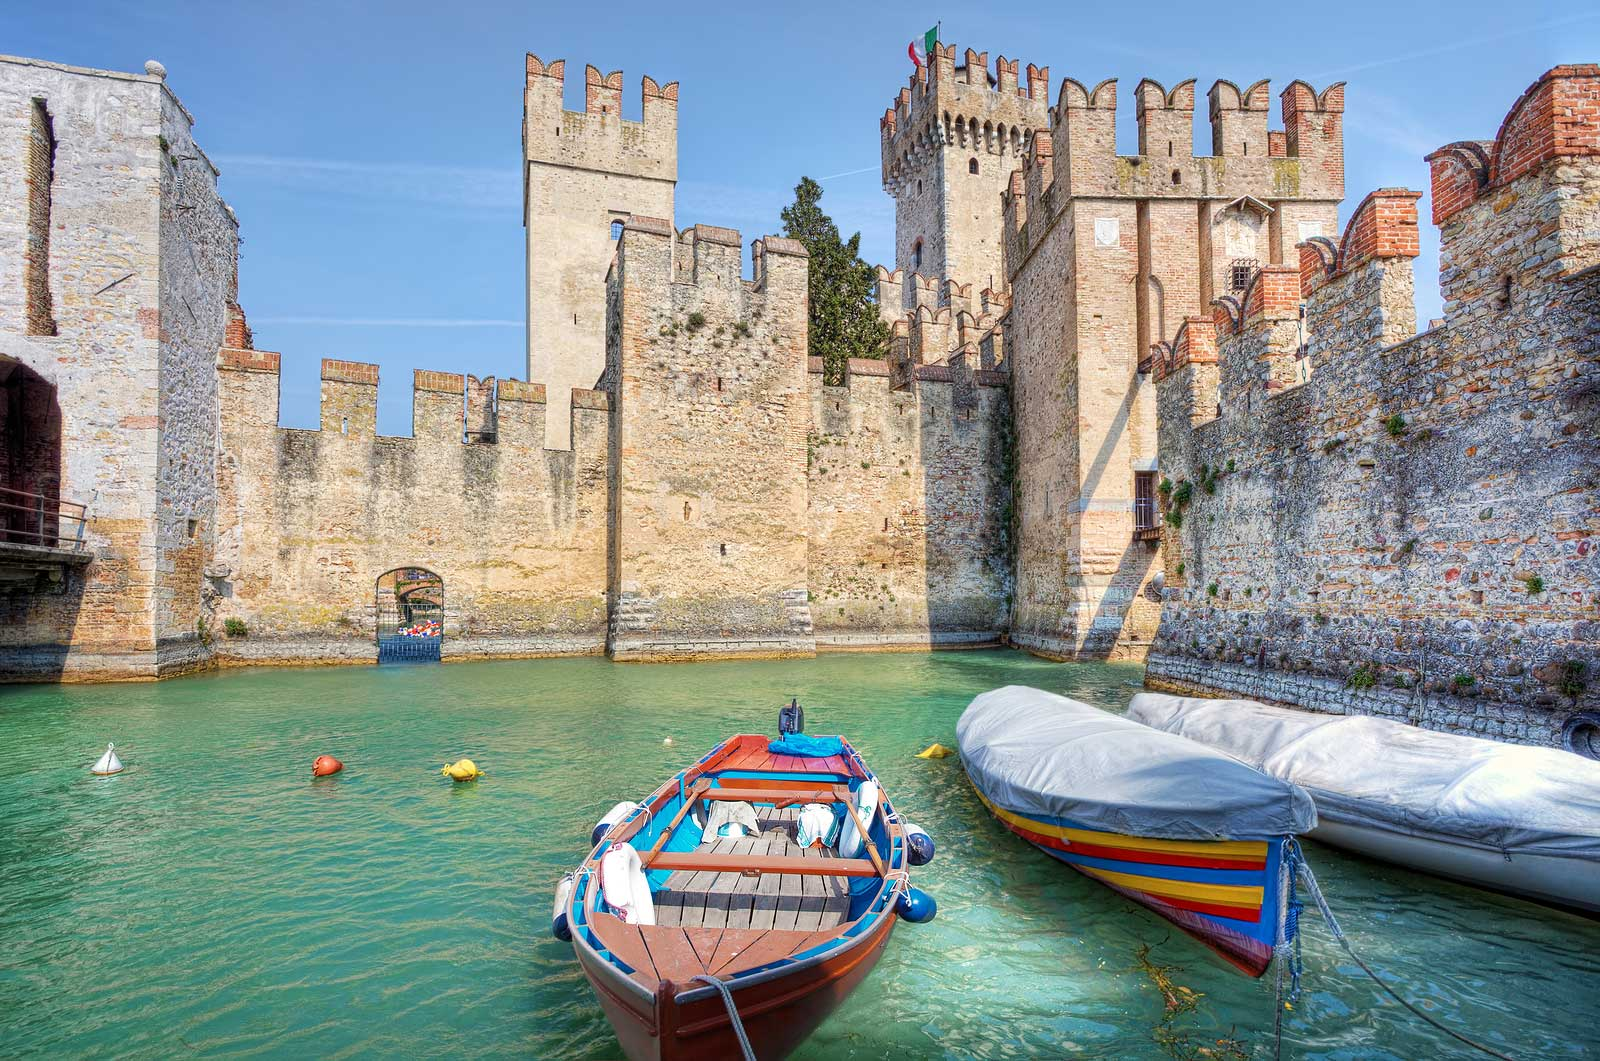 Lago di garda quando partire per le vacanze ciao bella for Lago vicino milano